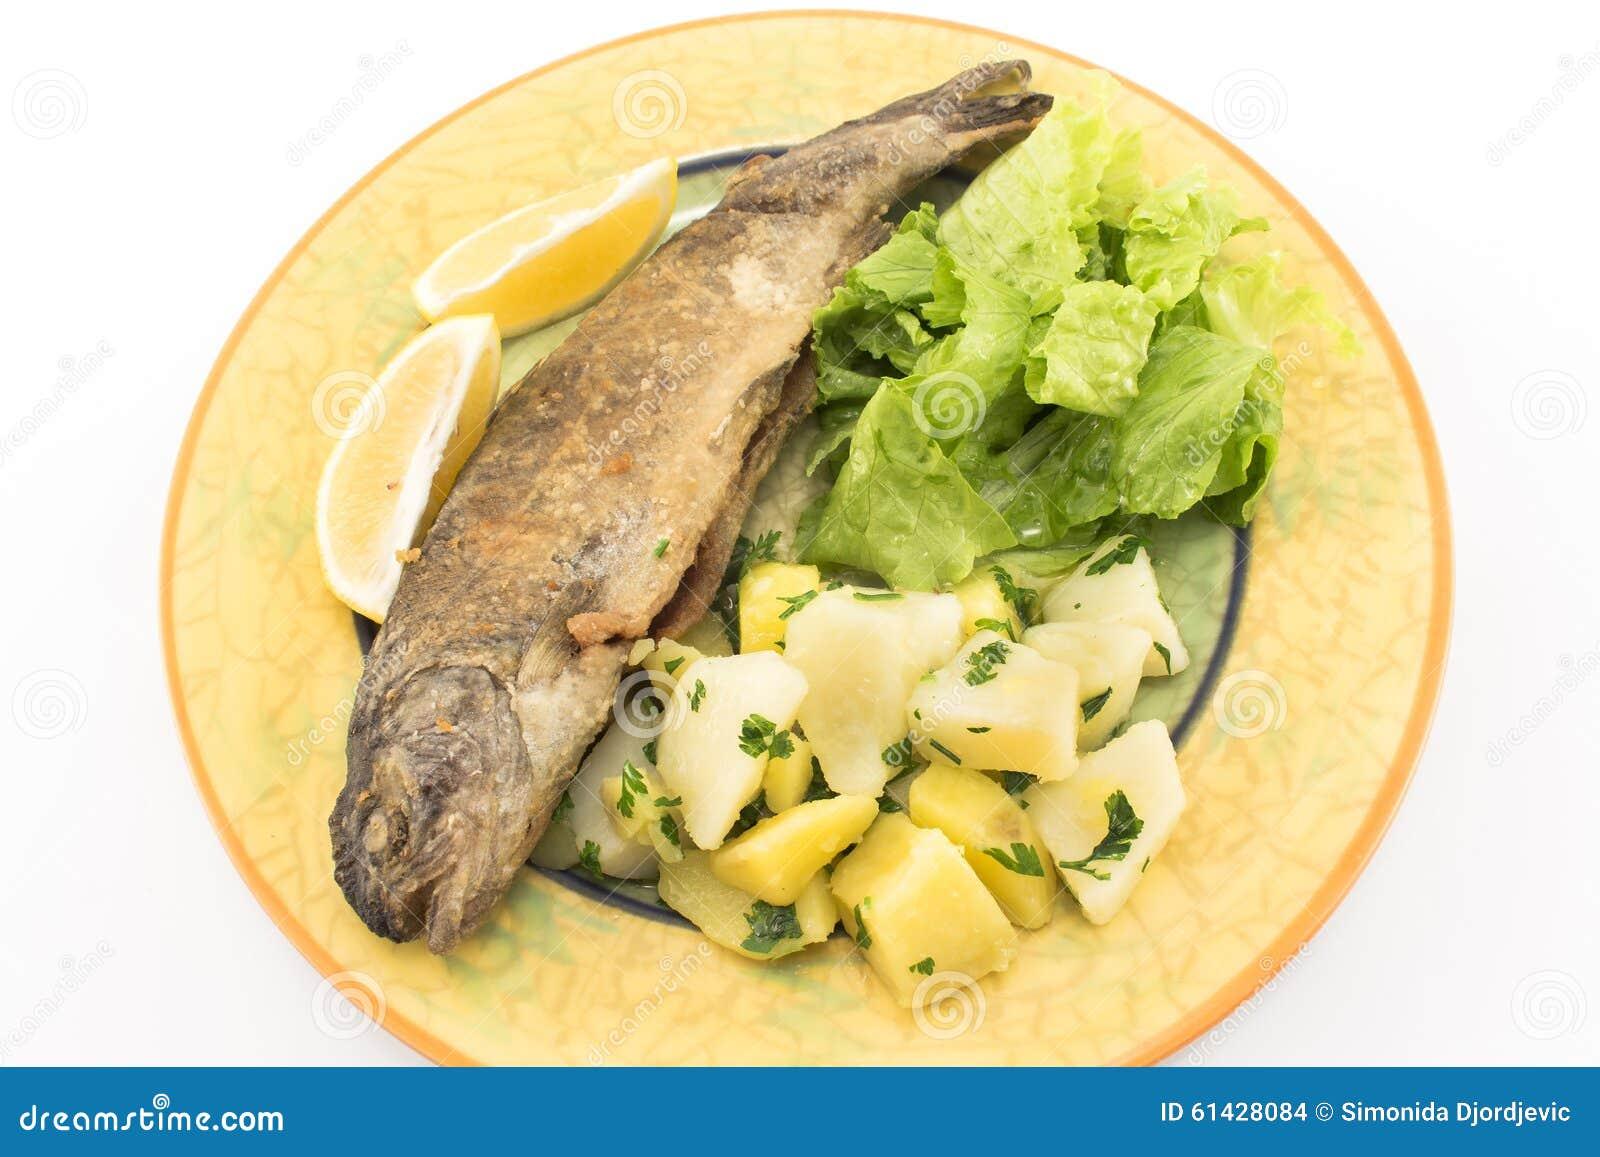 truite arc-en-ciel frit avec les pommes de terre et la salade verte